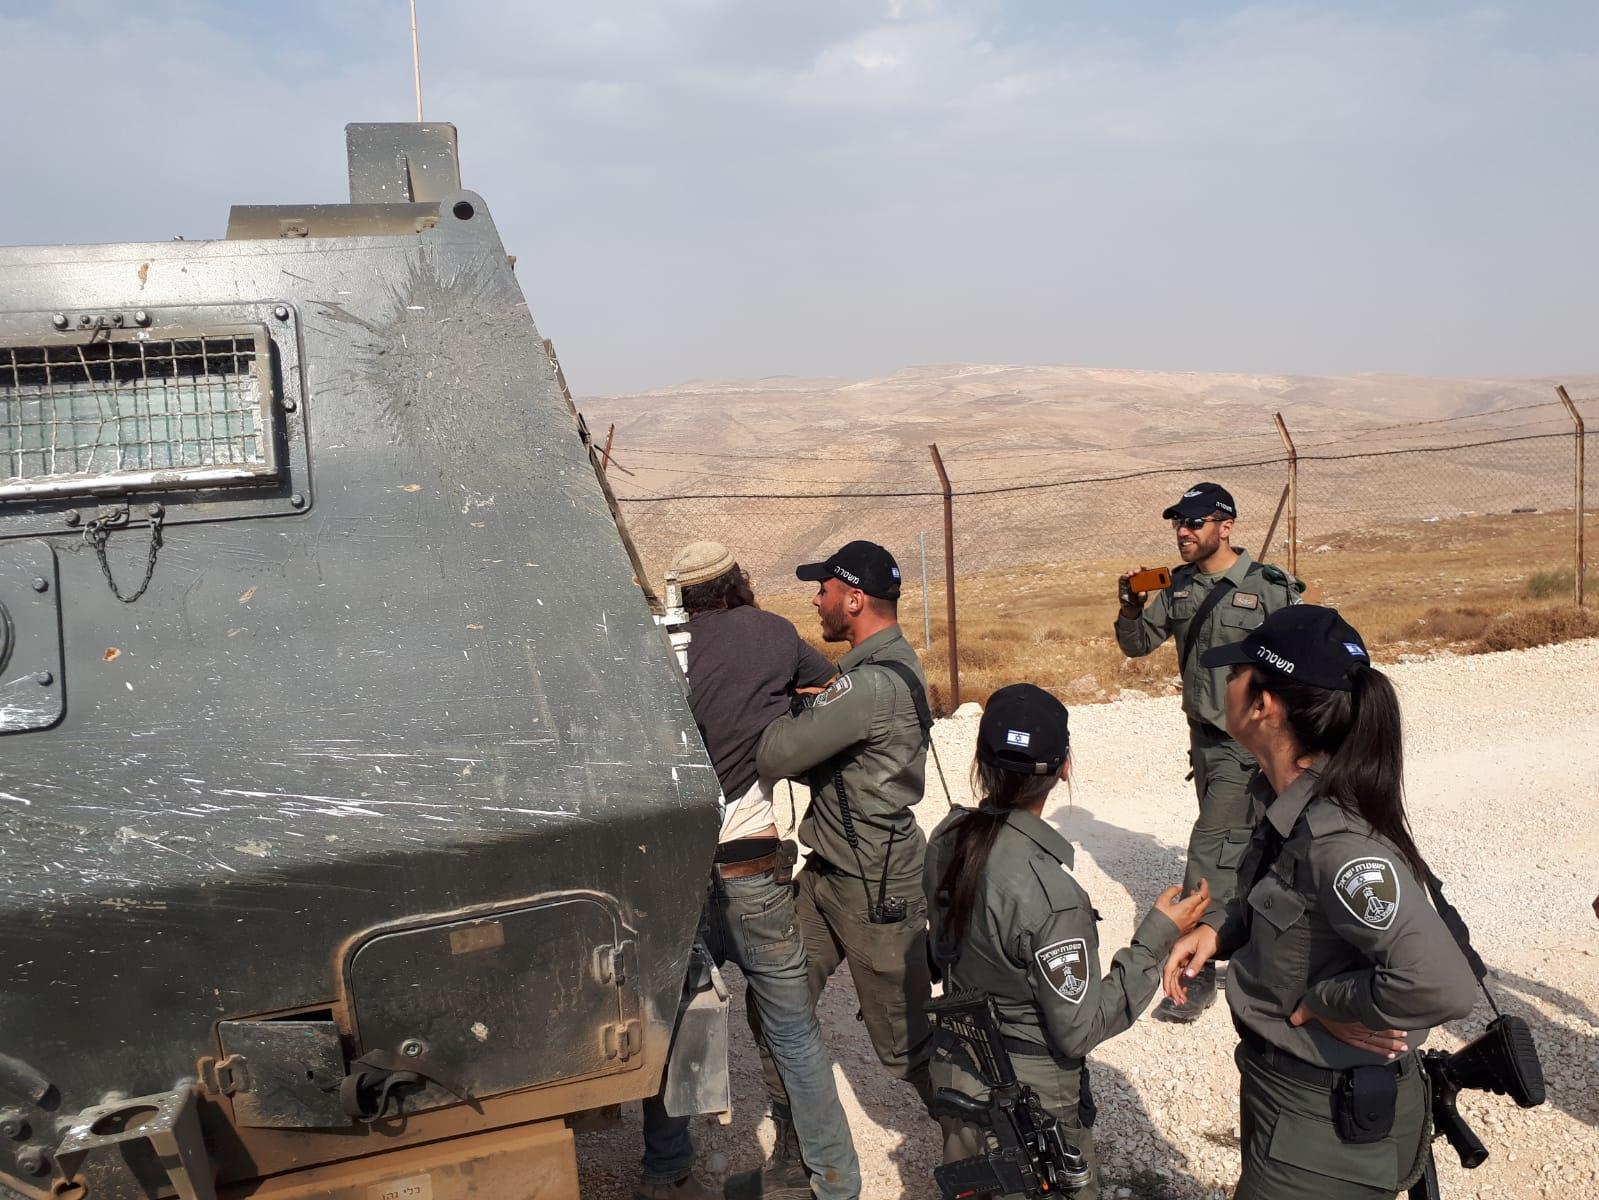 המעצרים (צילום חוננו)